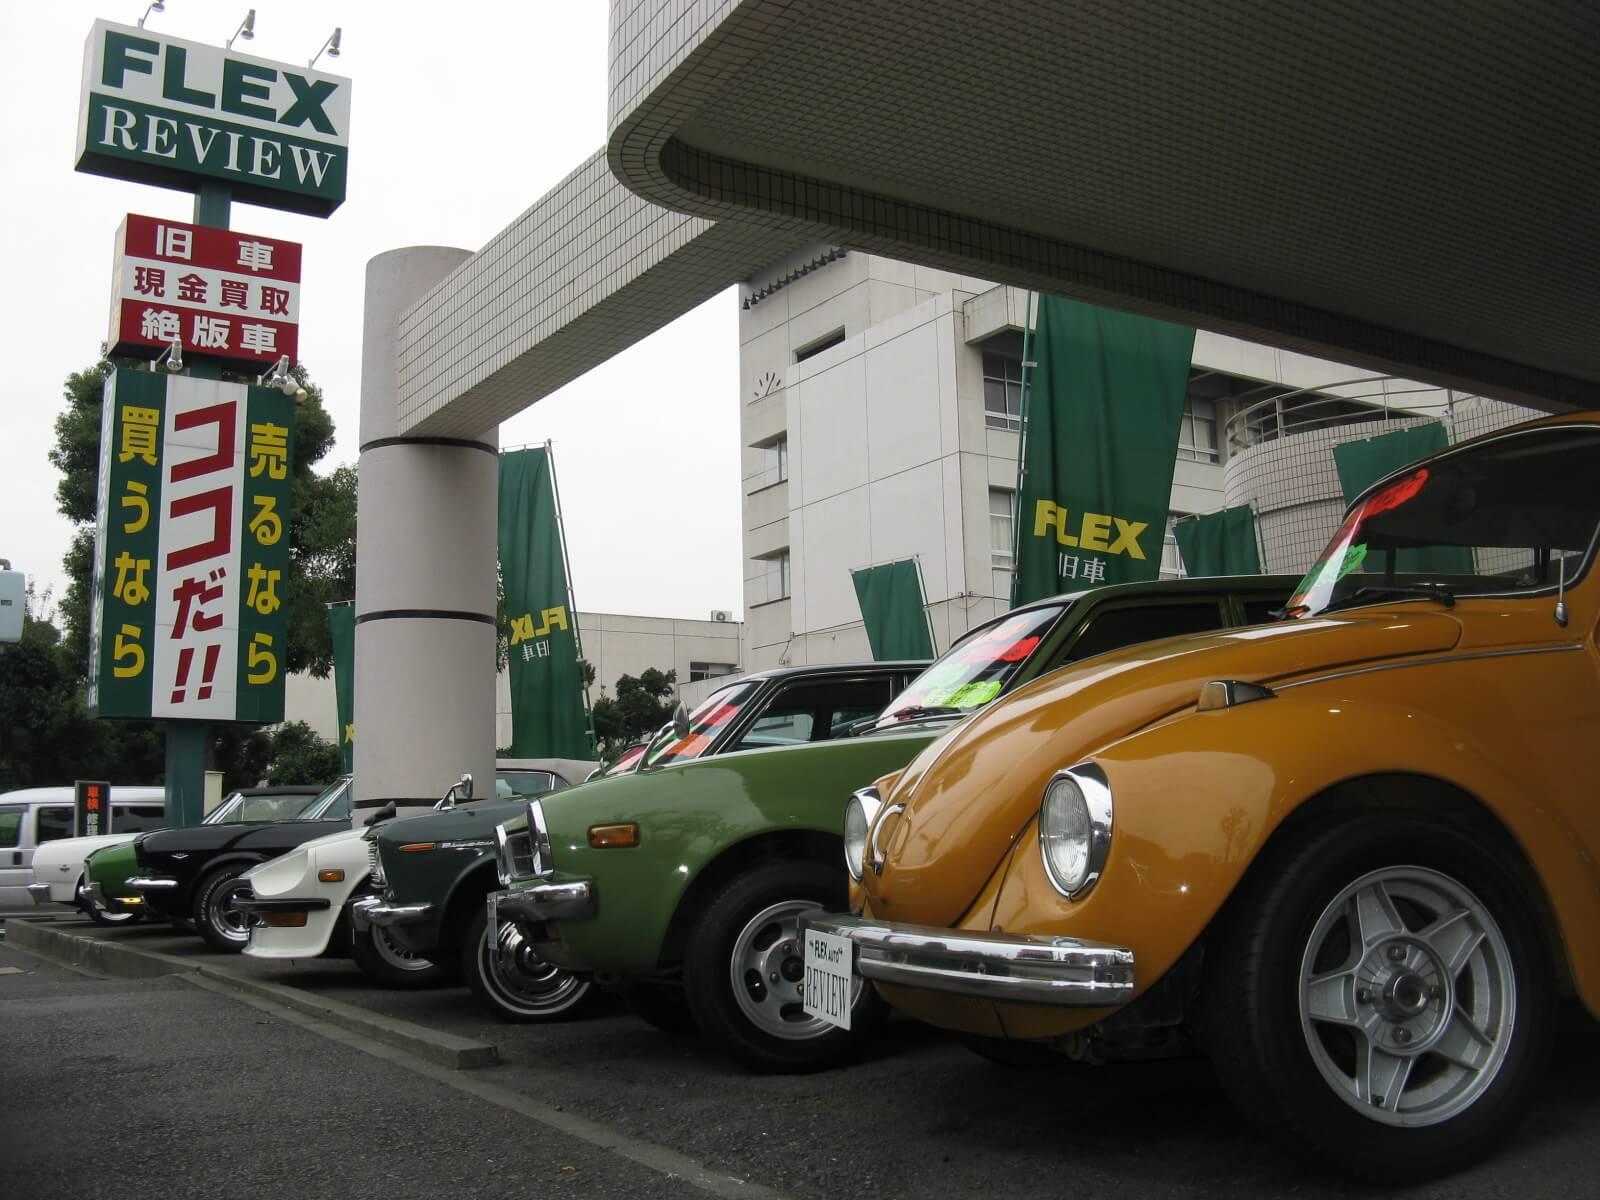 旧車 ハコスカ ケンメリ スカイライン Z フェアレディ デボネア出張査定 車買取神奈川 横浜のフレックス旧車 横浜店